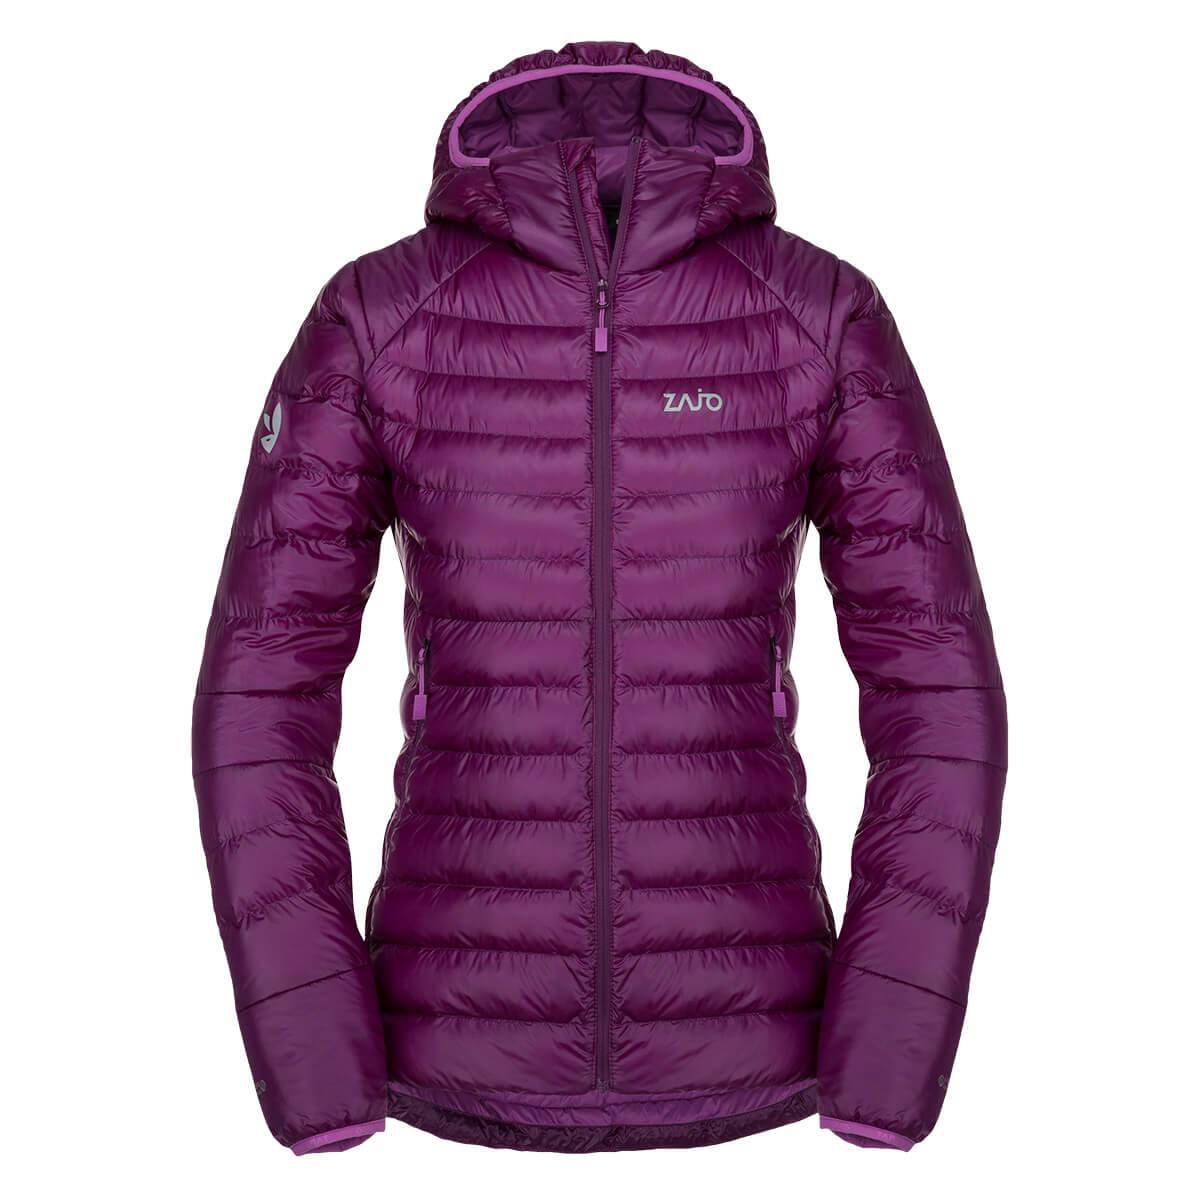 Dámska bunda Zajo Livigno W JKT Dark Purple - veľkosť XS